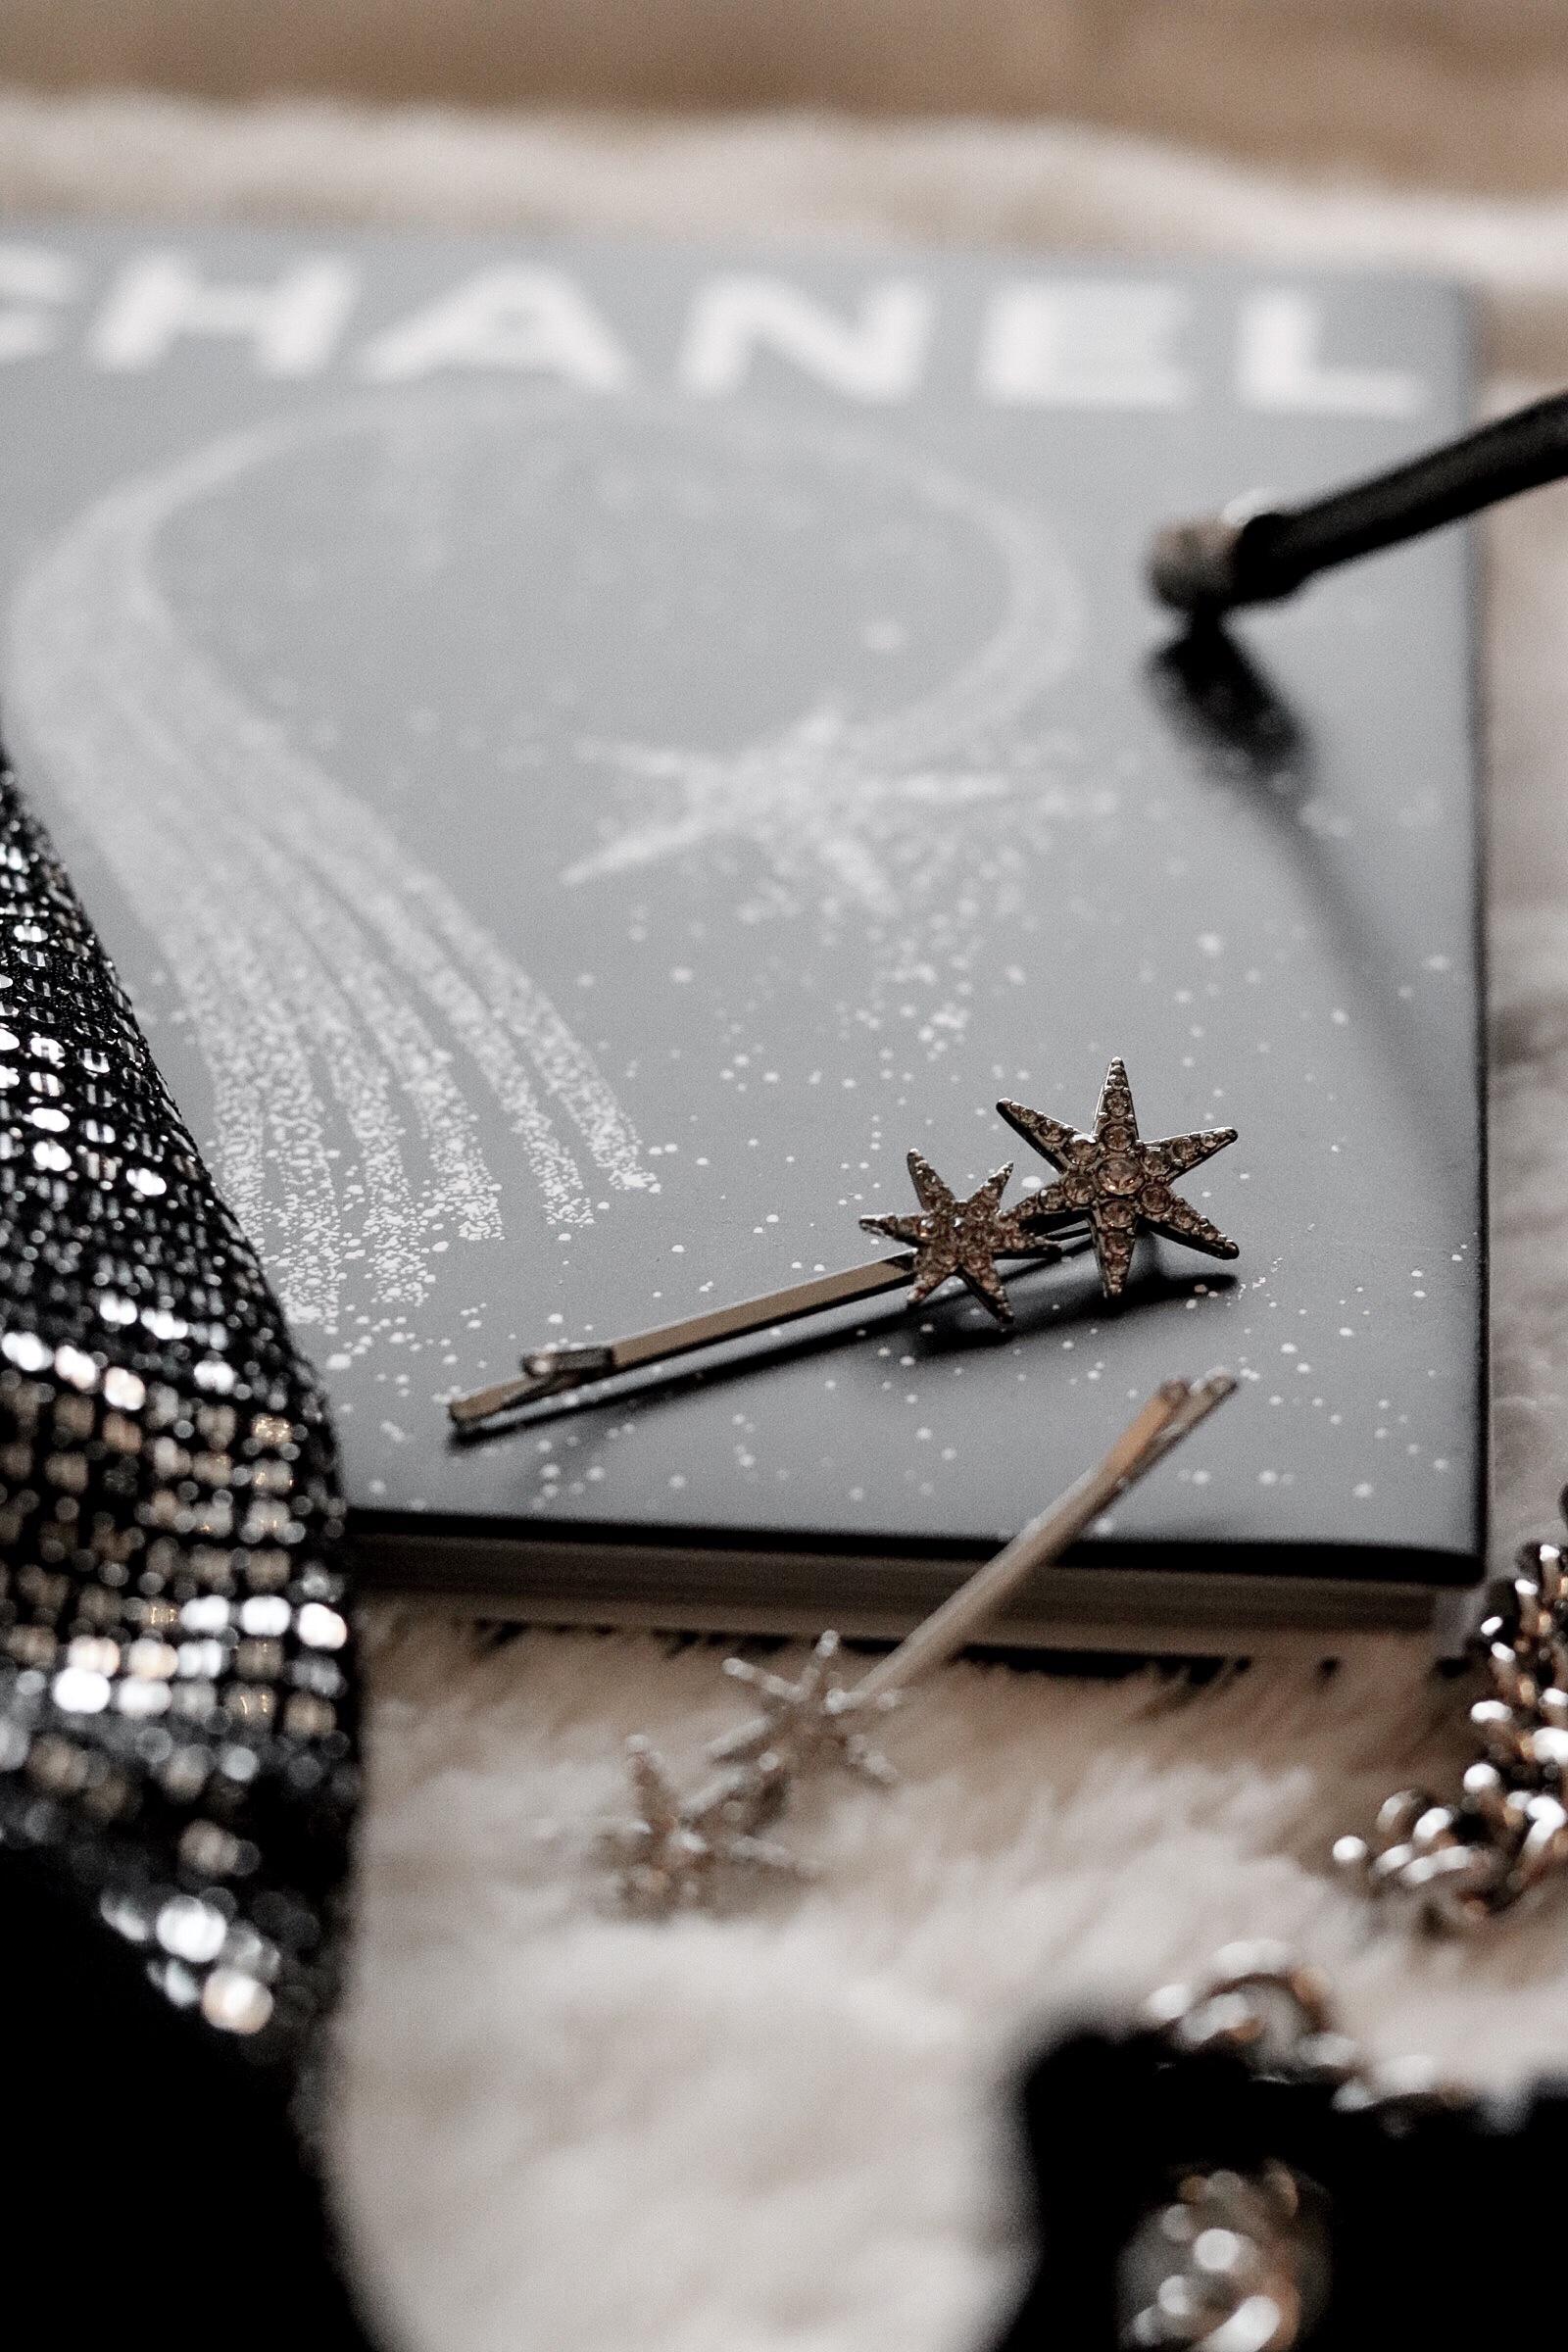 nyårsfrisyr, hårspännen, frisyr, stora lockar, stjärnor, glitter